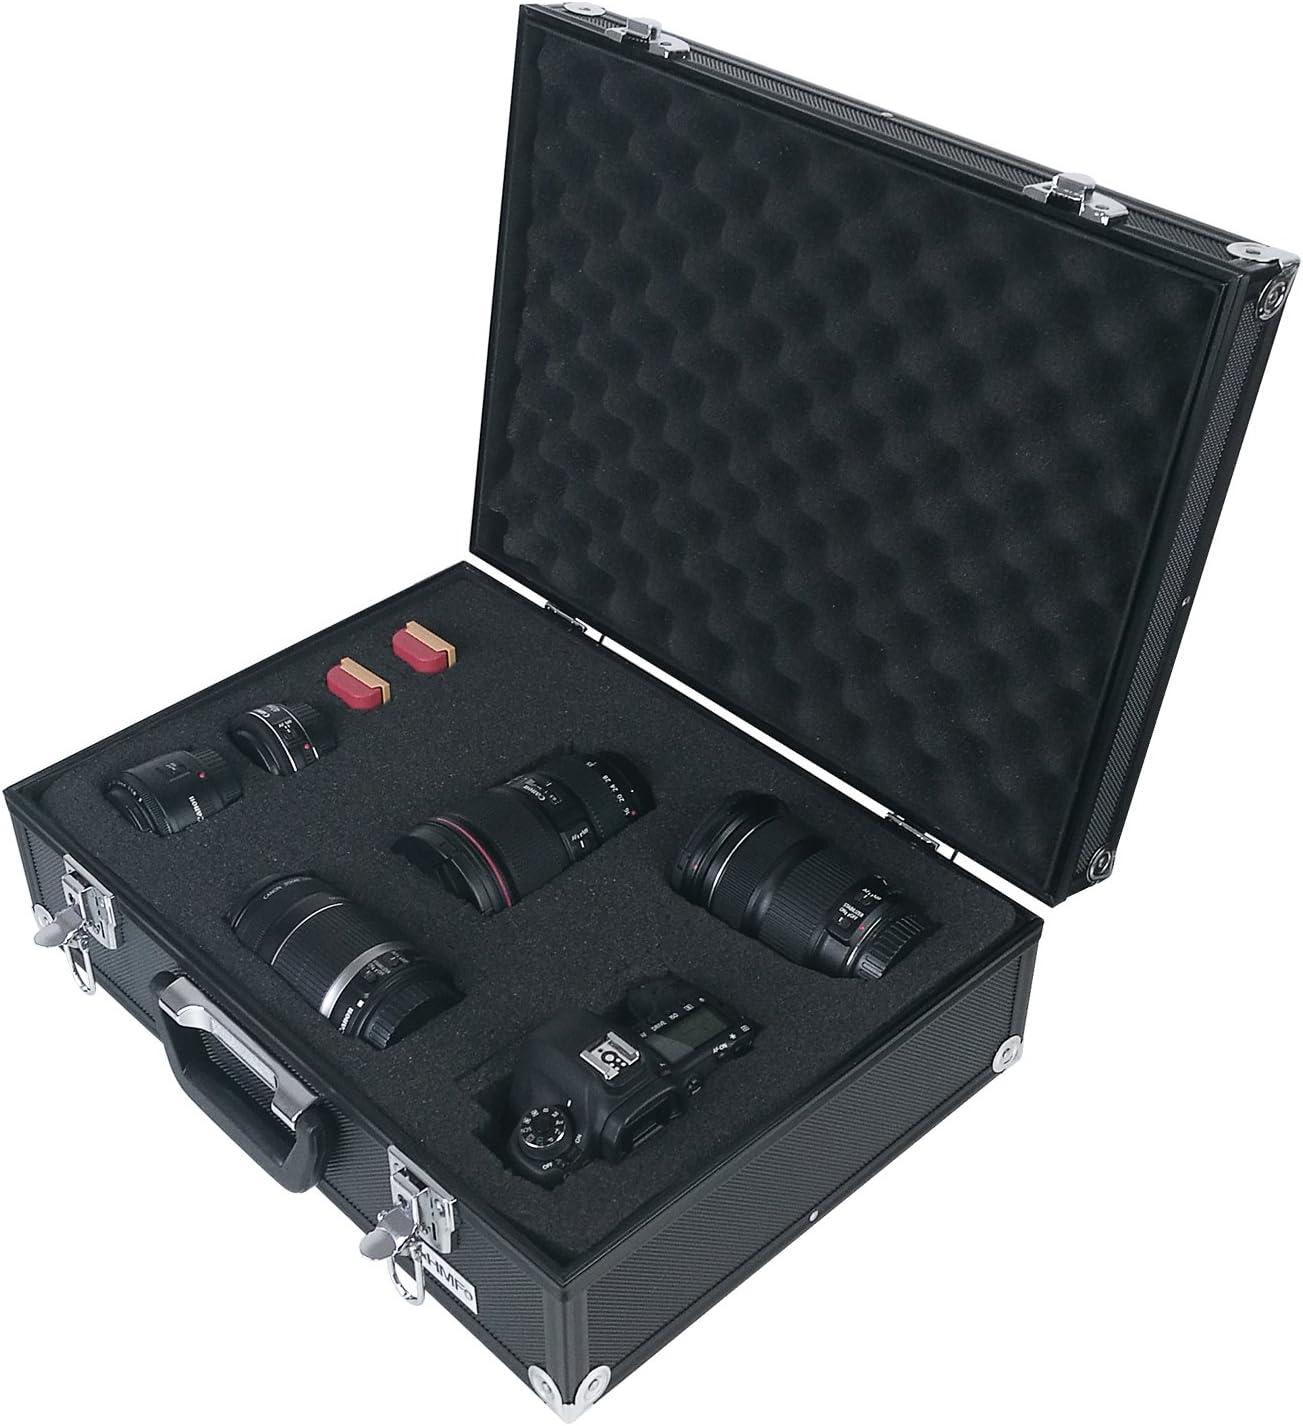 HMF 14501-02 Maletín de Aluminio con Espuma para Cámaras de Fotos y Armas | 46 x 33 x 15 cm | Negro